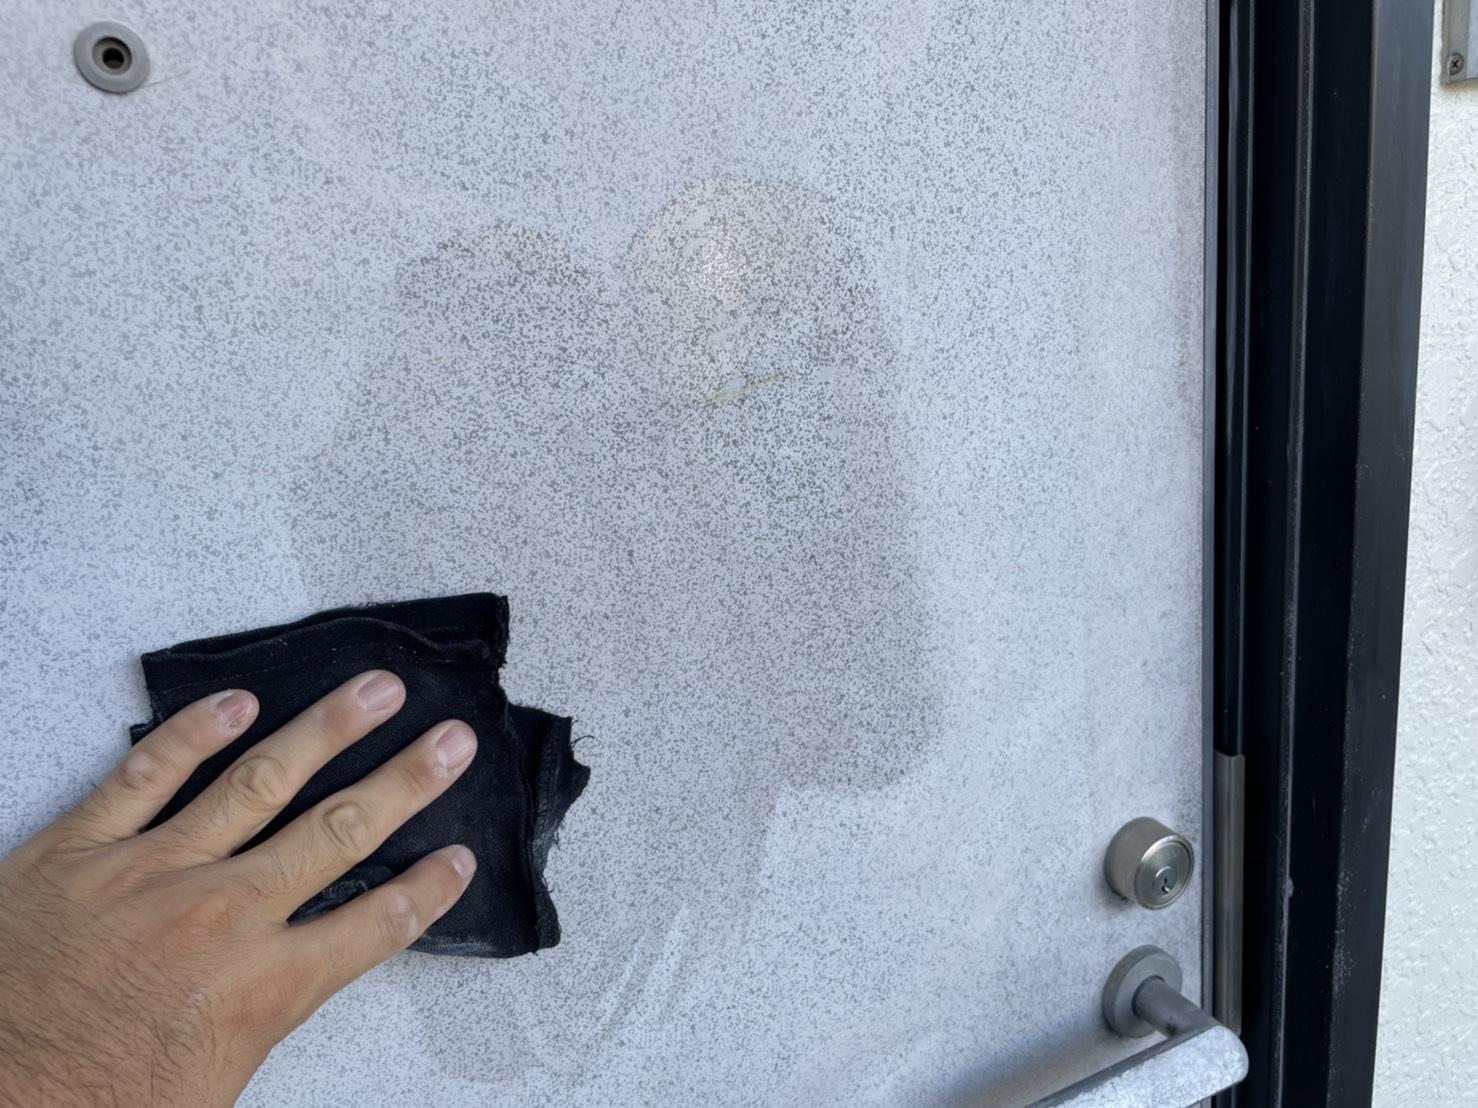 佐賀市 外壁塗装 塗るばい サニー建設商事 サニケン さにけん 玄関扉 塗装